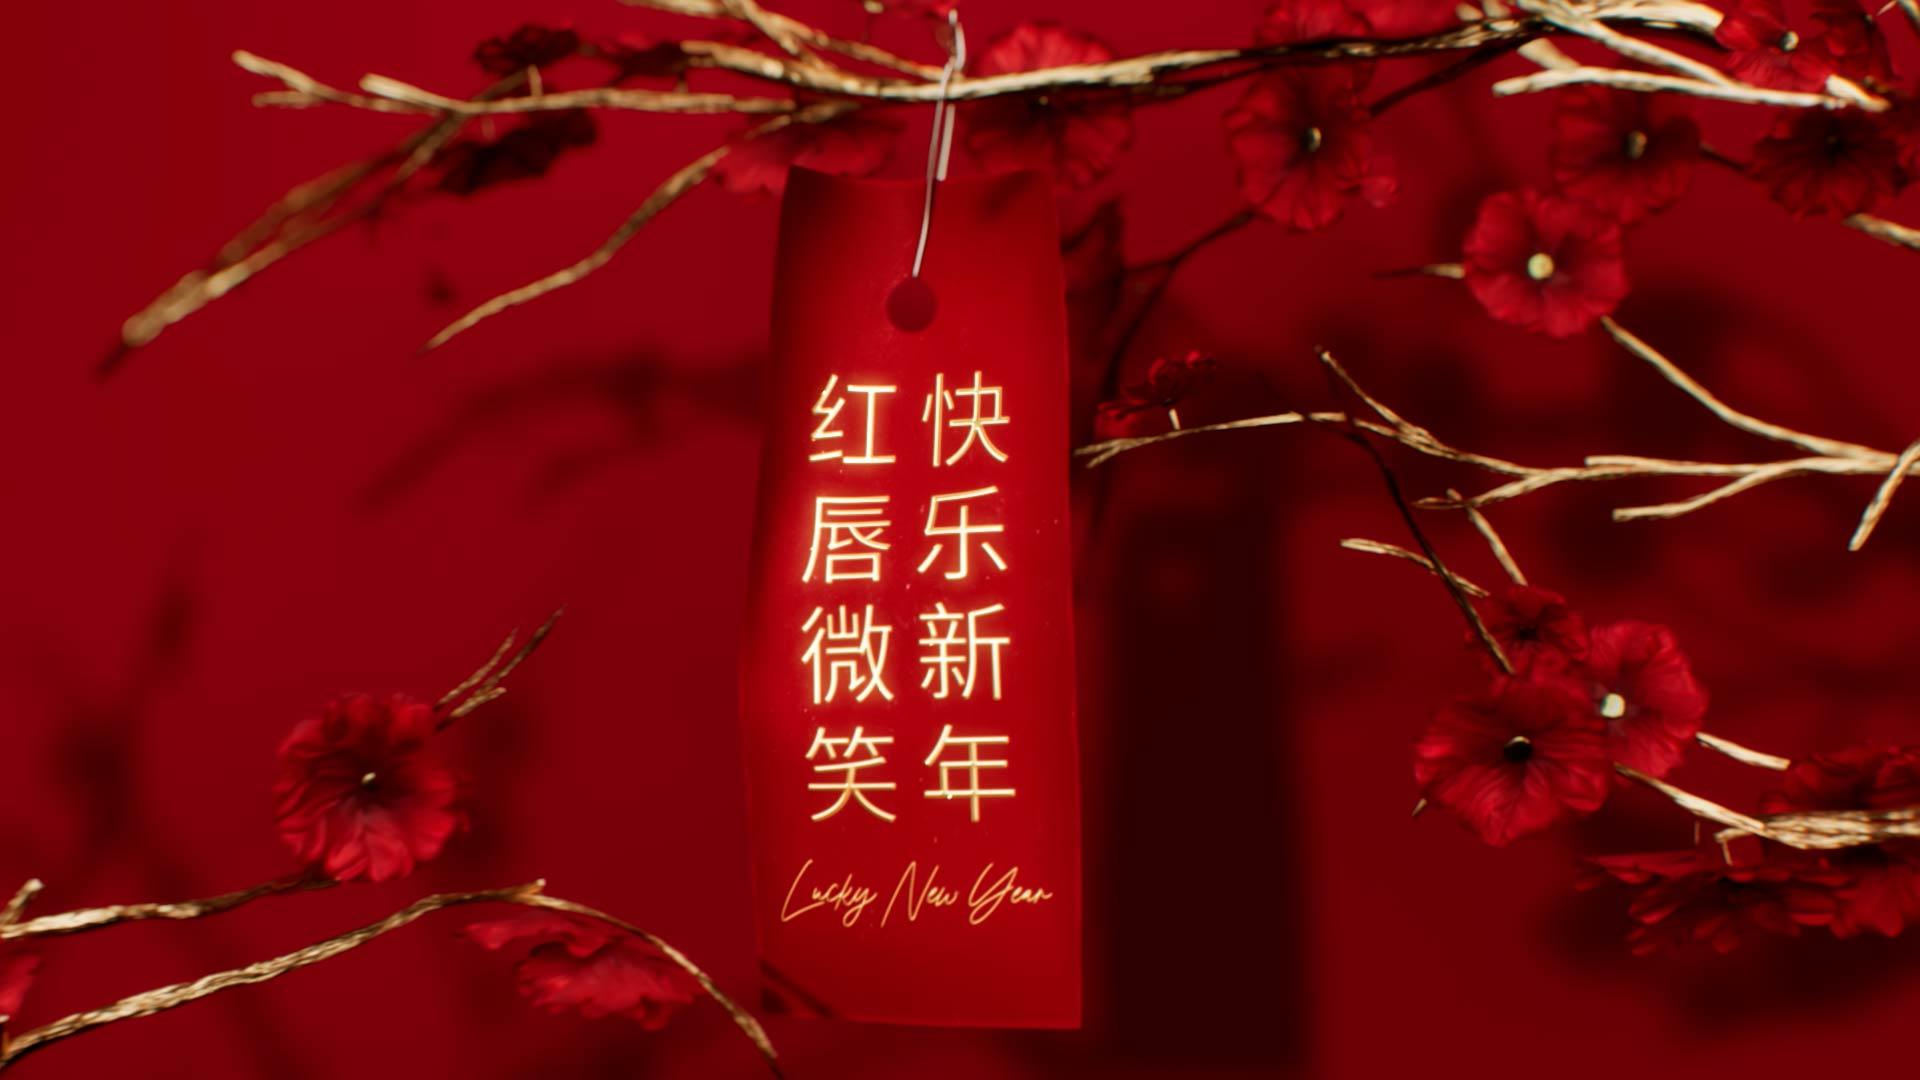 Visuel 3D pour le Nouvel An chinois de Dior avec arbre doré et cartes de vœux